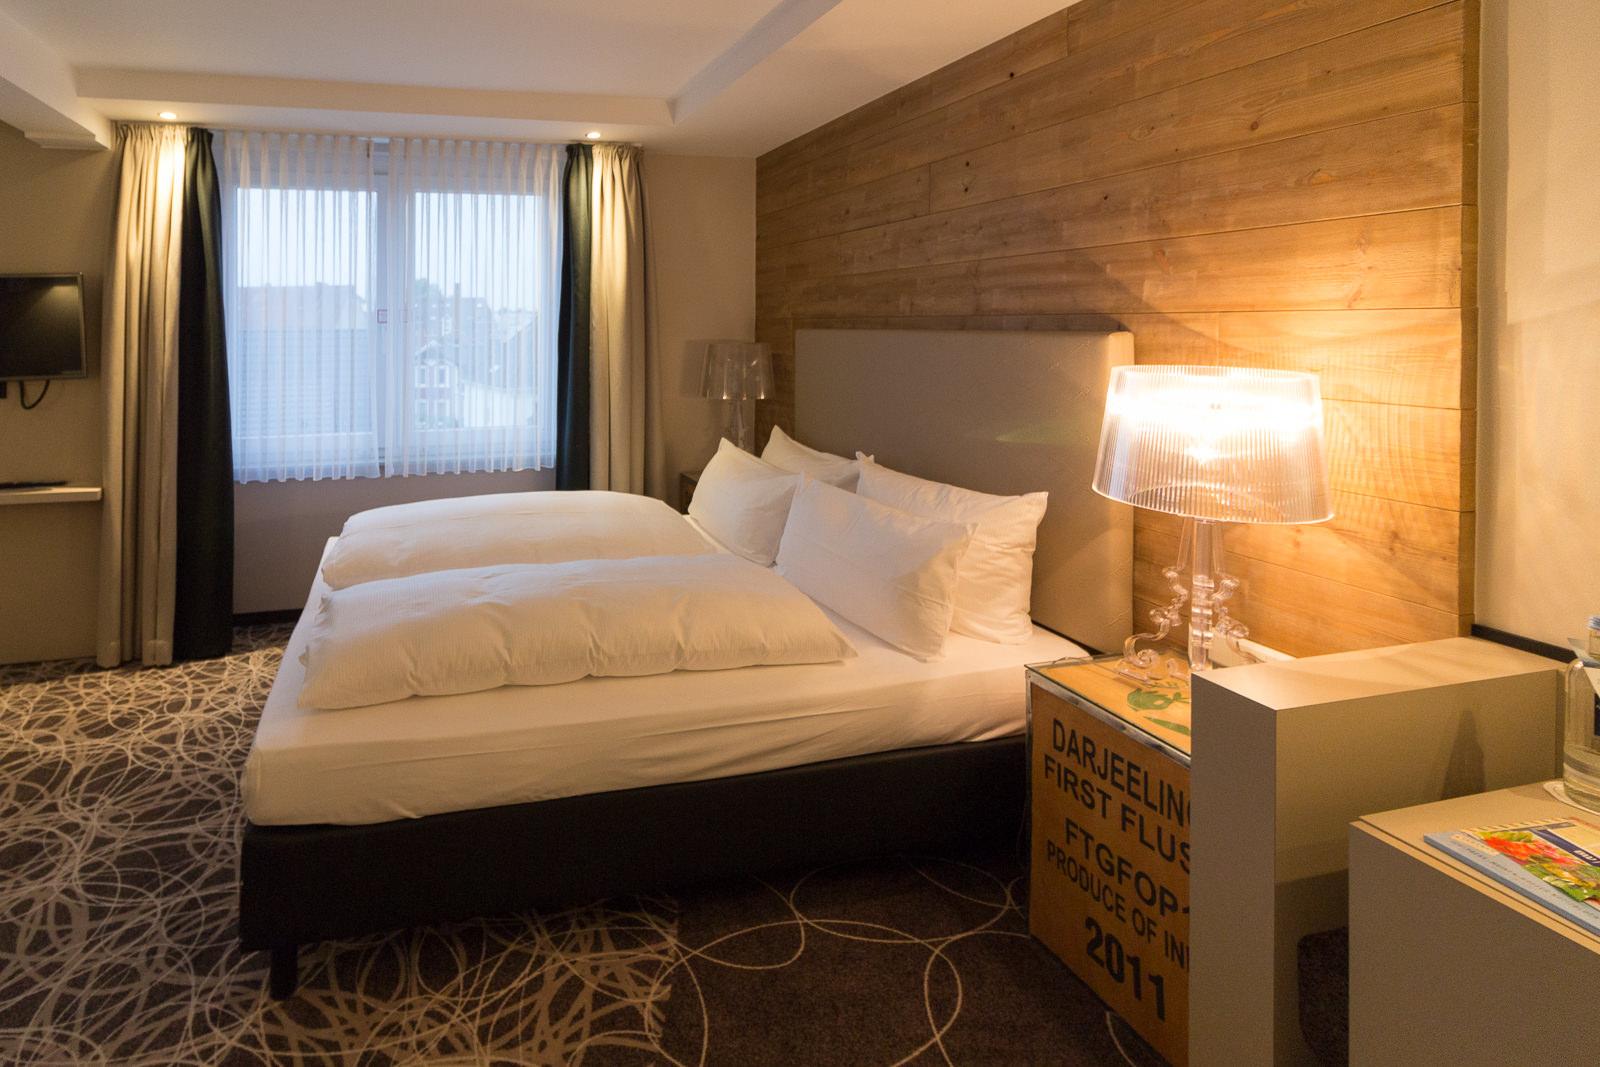 Cuxhaven, Wochenendreise, Hotel, Best Western, Best Western Donner's Hotel & Spa, Donner Hotel